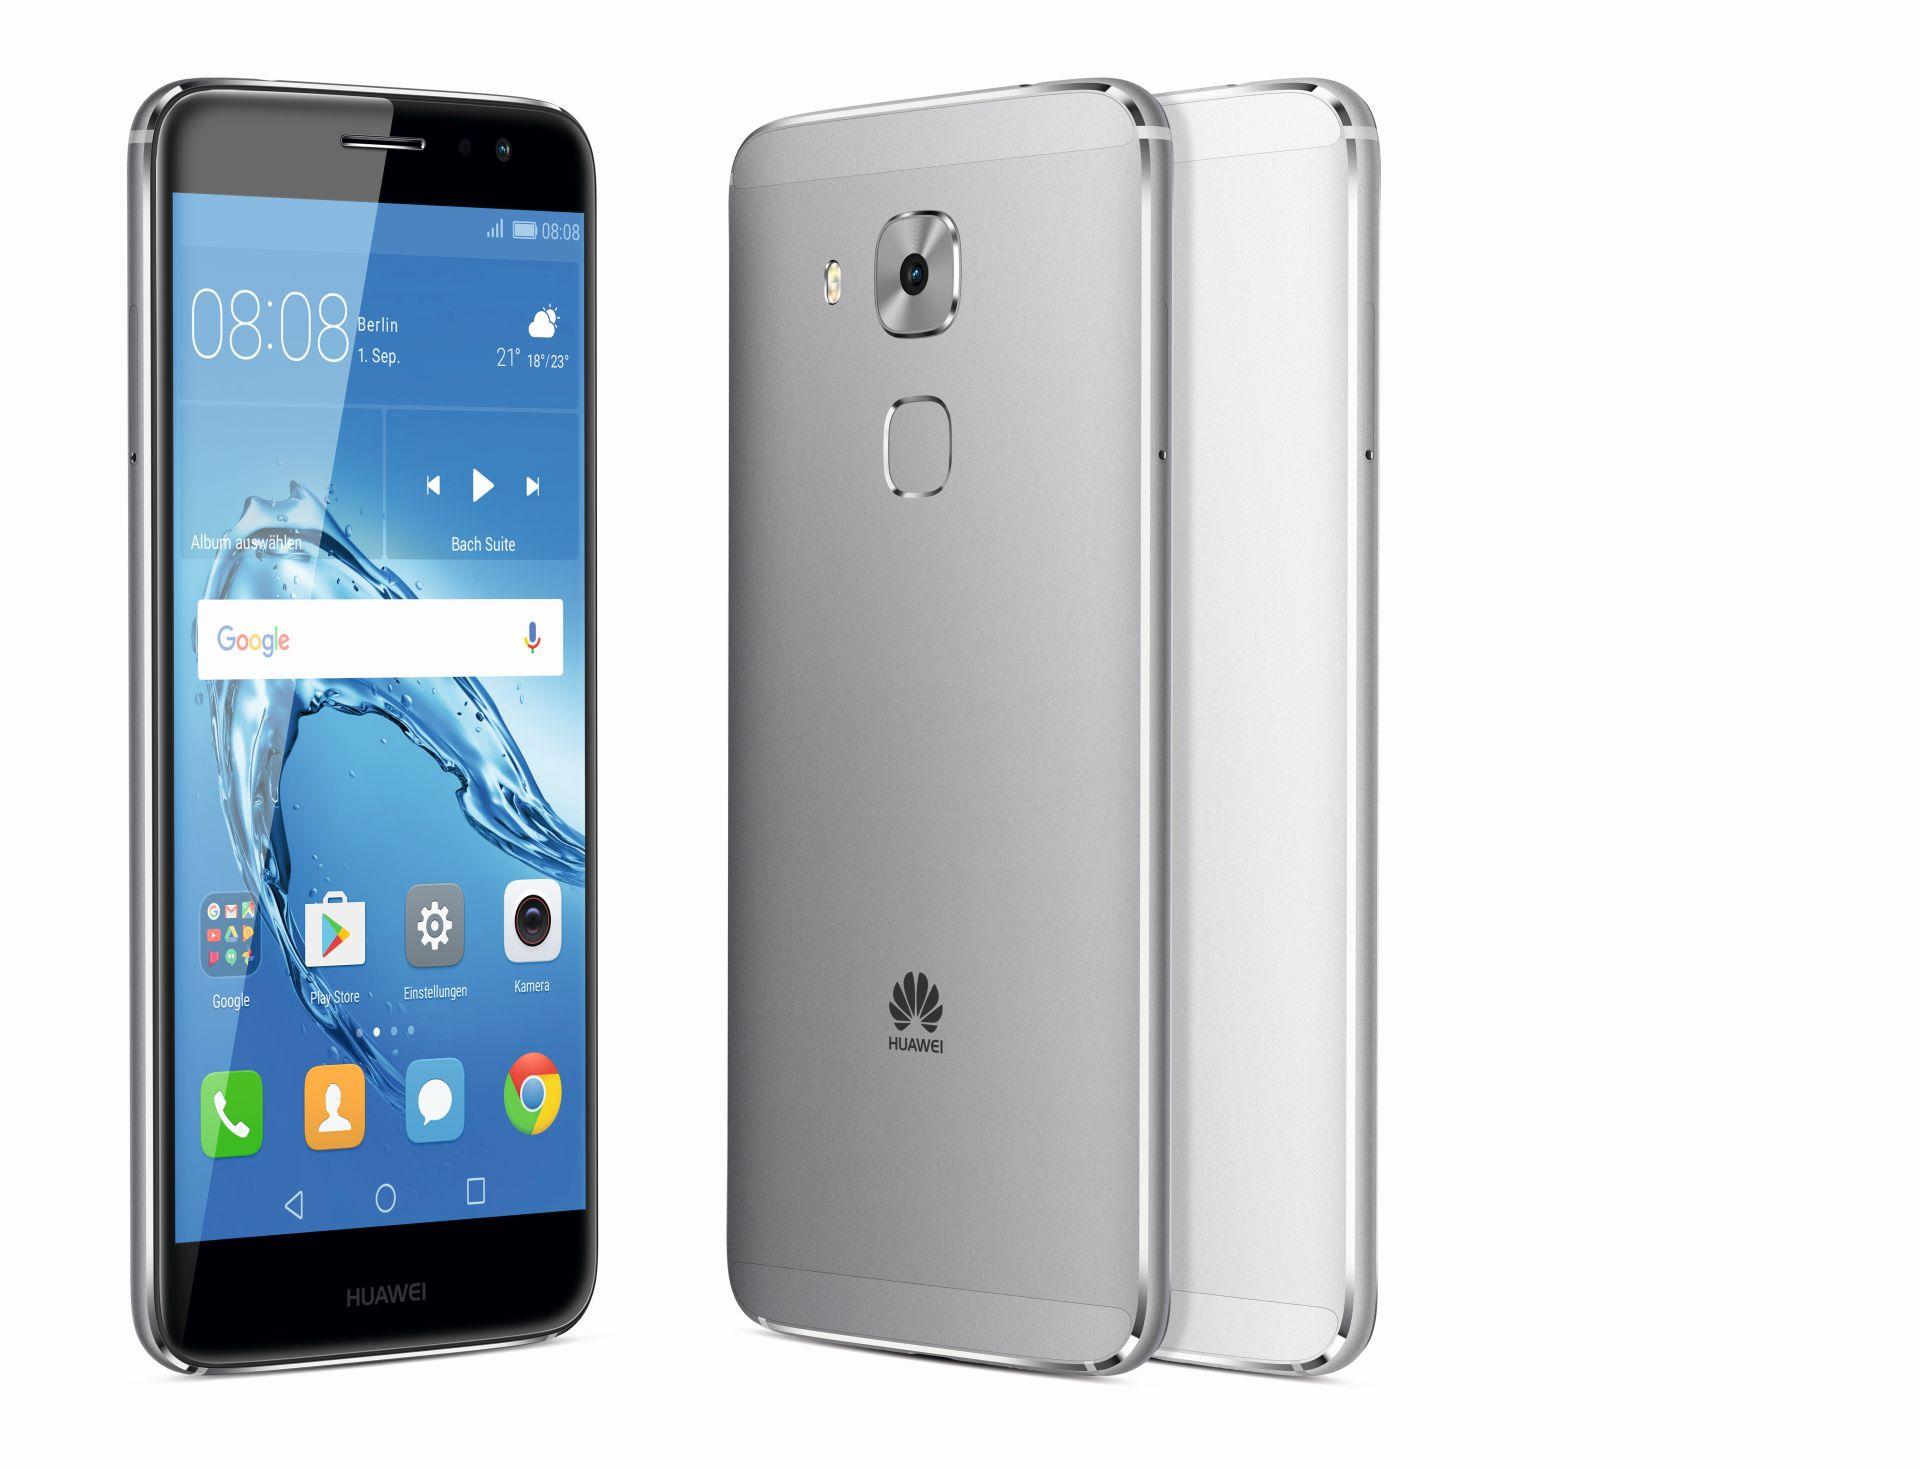 Android-Smartphone: Huawei bringt Nova Plus doch nach Deutschland - Das Nova Plus von Huawei (Bild: Huawei)